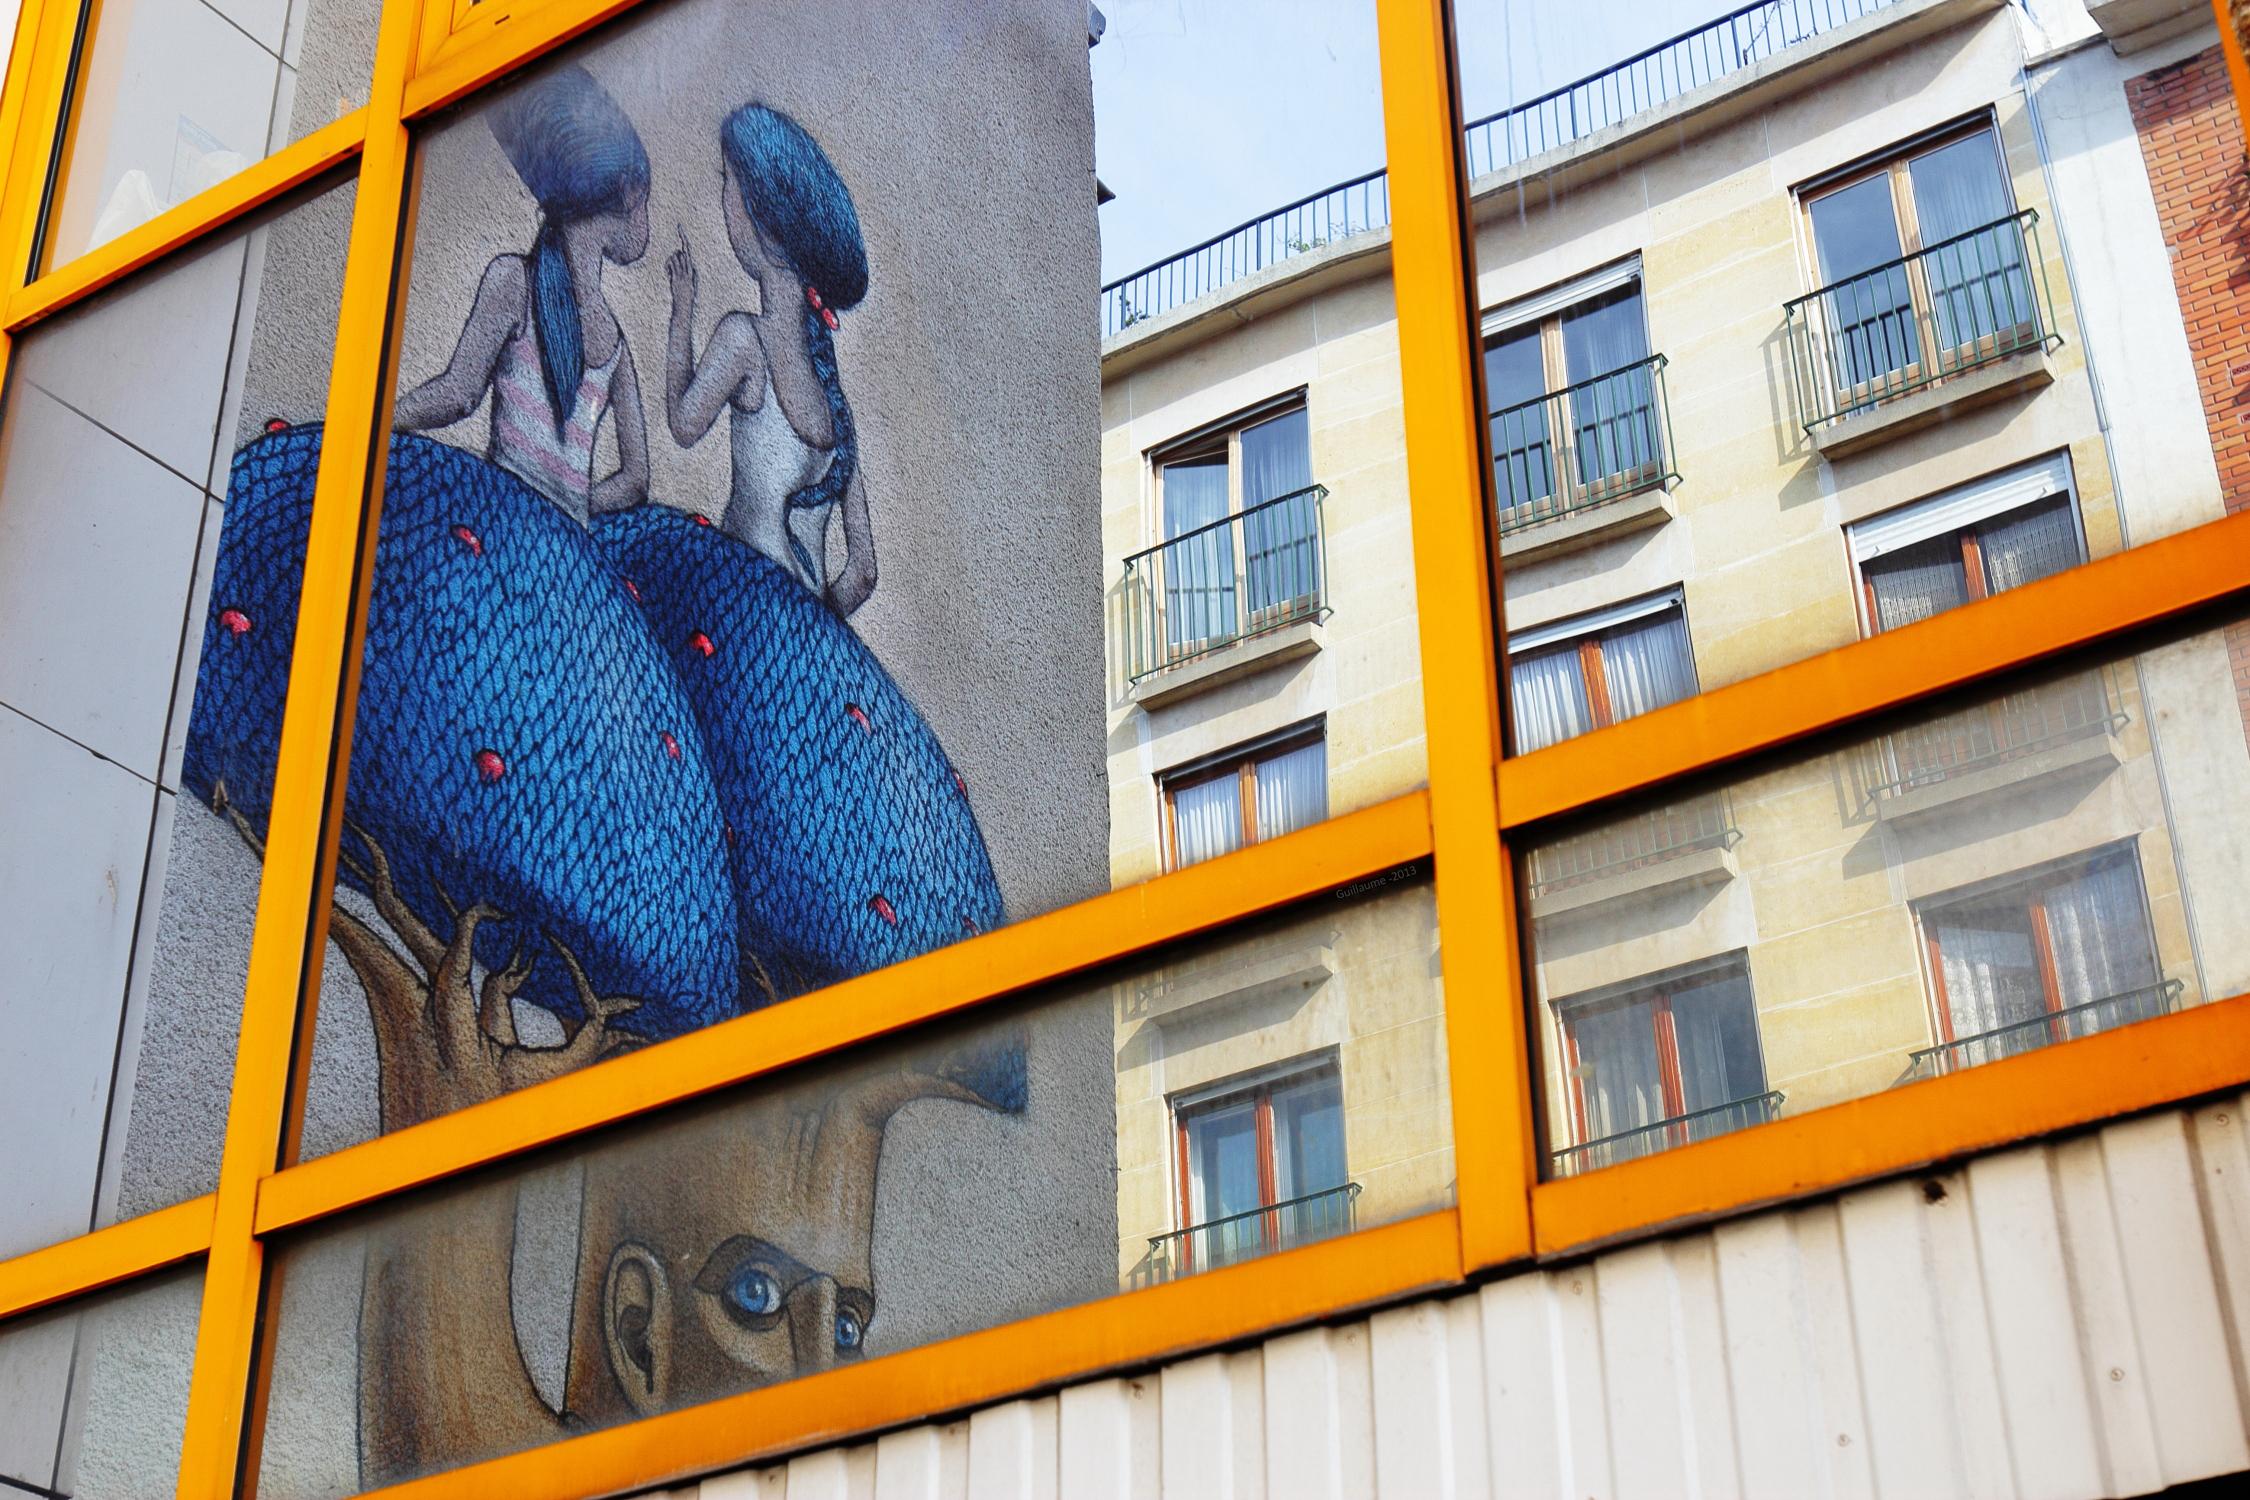 seth street art scenik. Black Bedroom Furniture Sets. Home Design Ideas